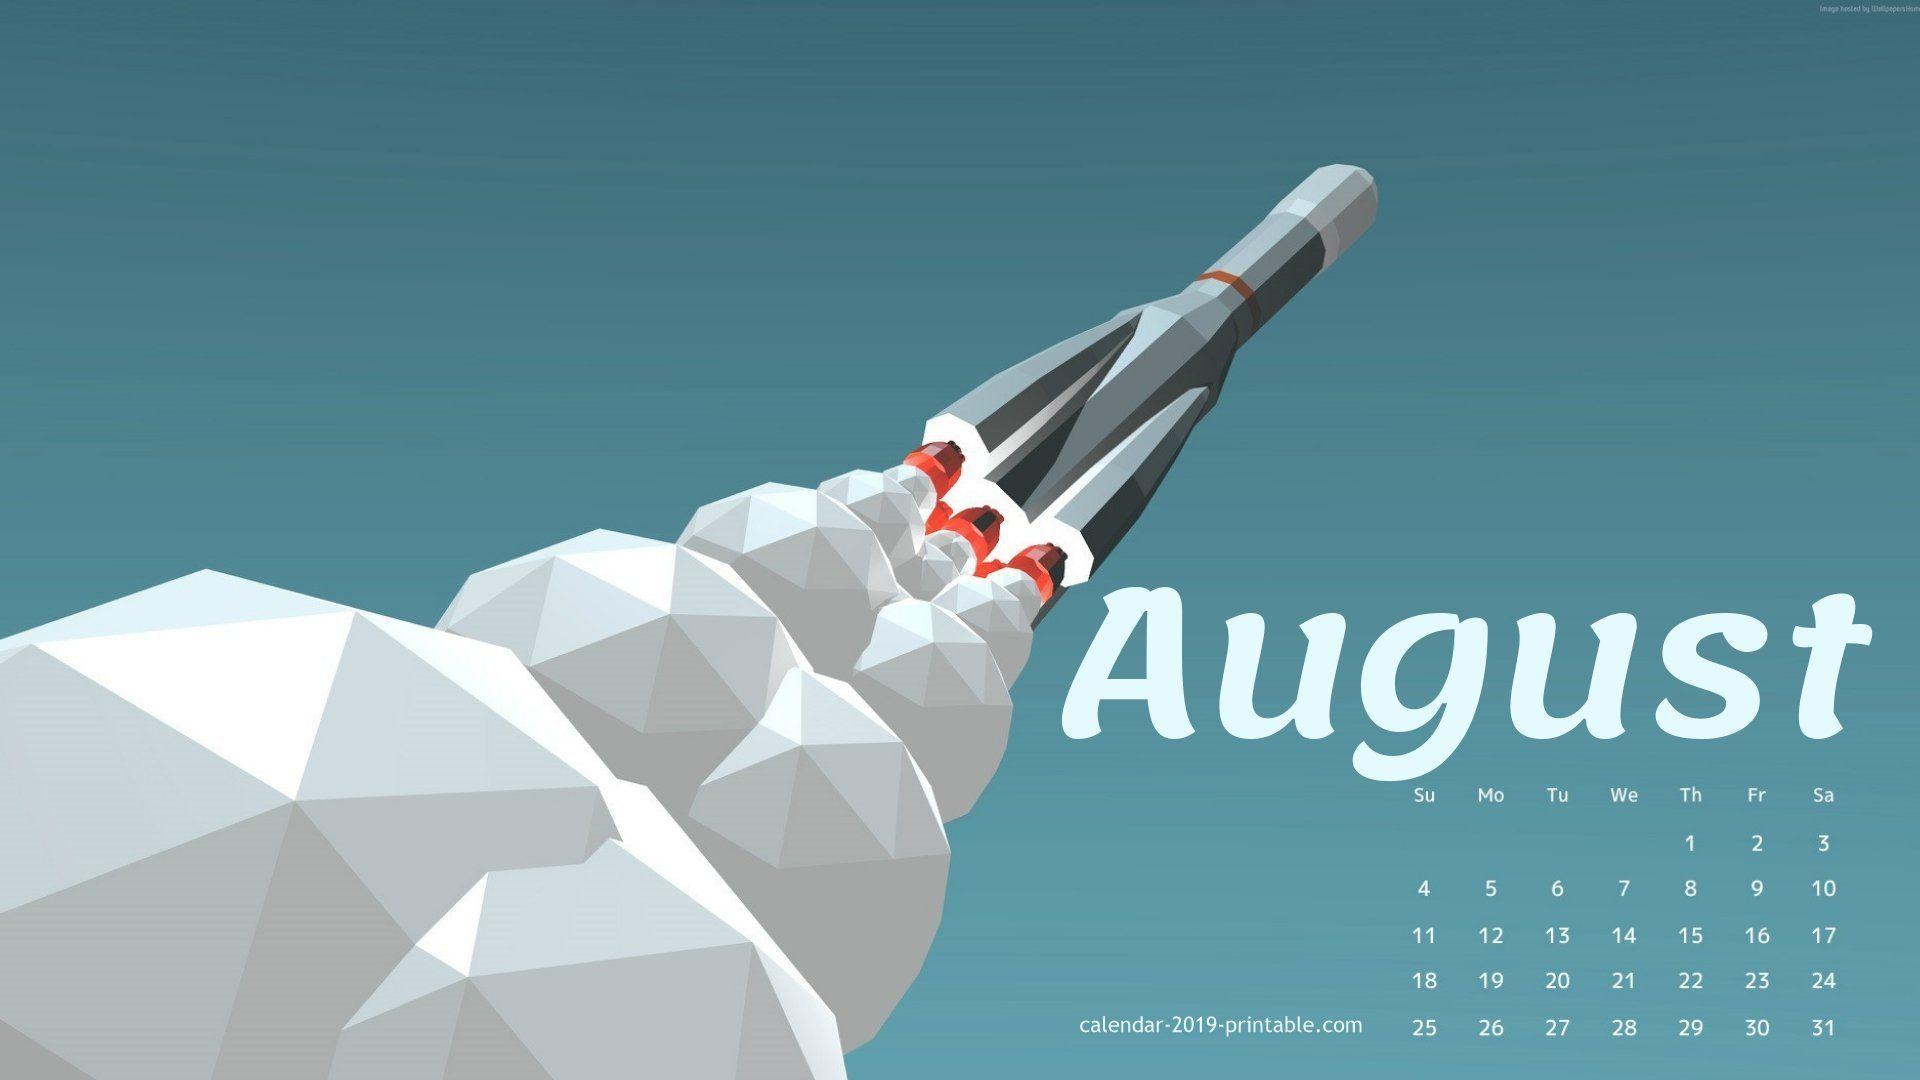 August 2019 Cute Calendar Wallpaper Calendar Wallpaper Wallpaper 2019 Calendar